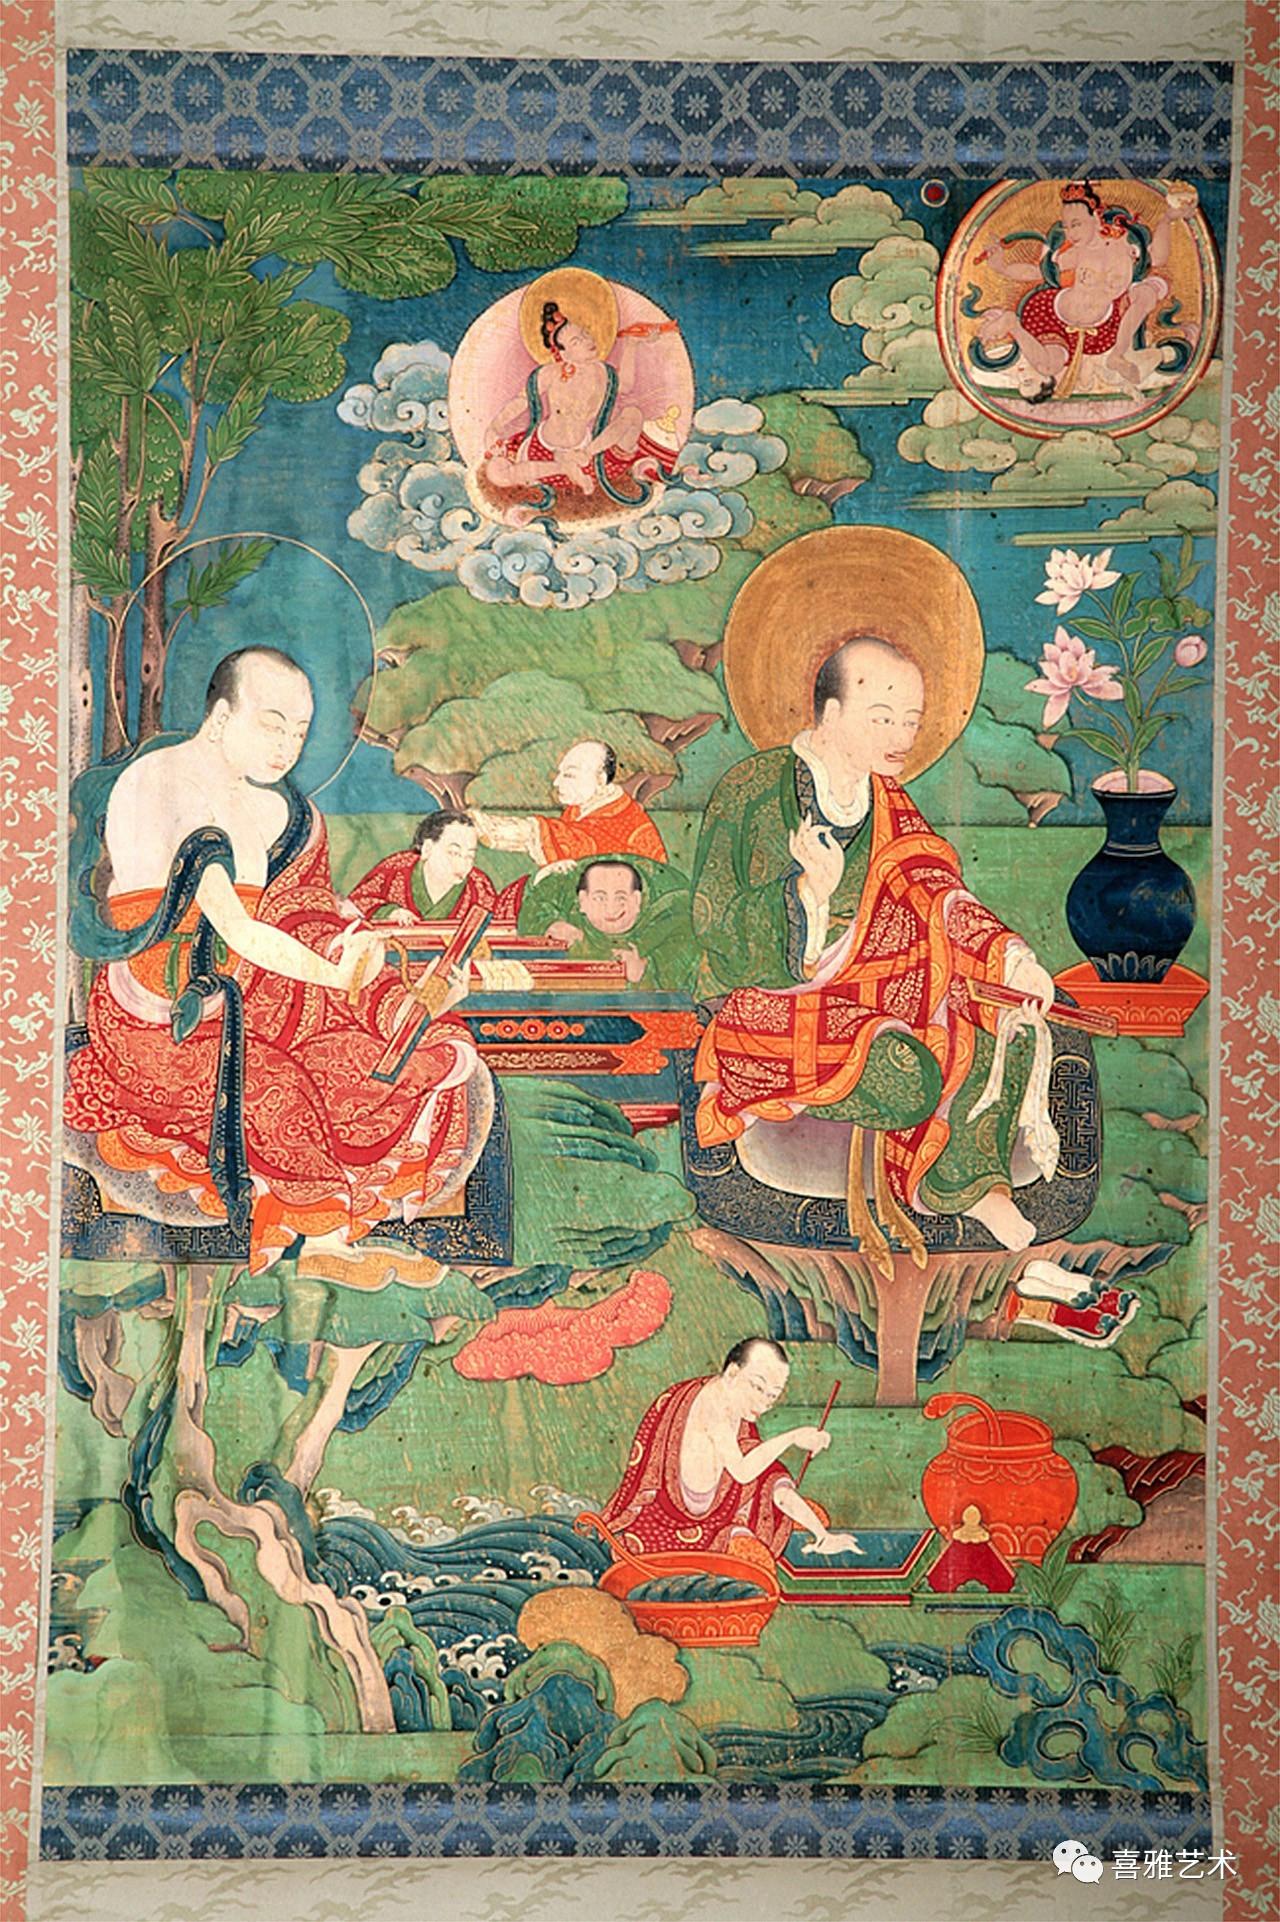 返景入深林 — 西藏藝術中的羅漢畫